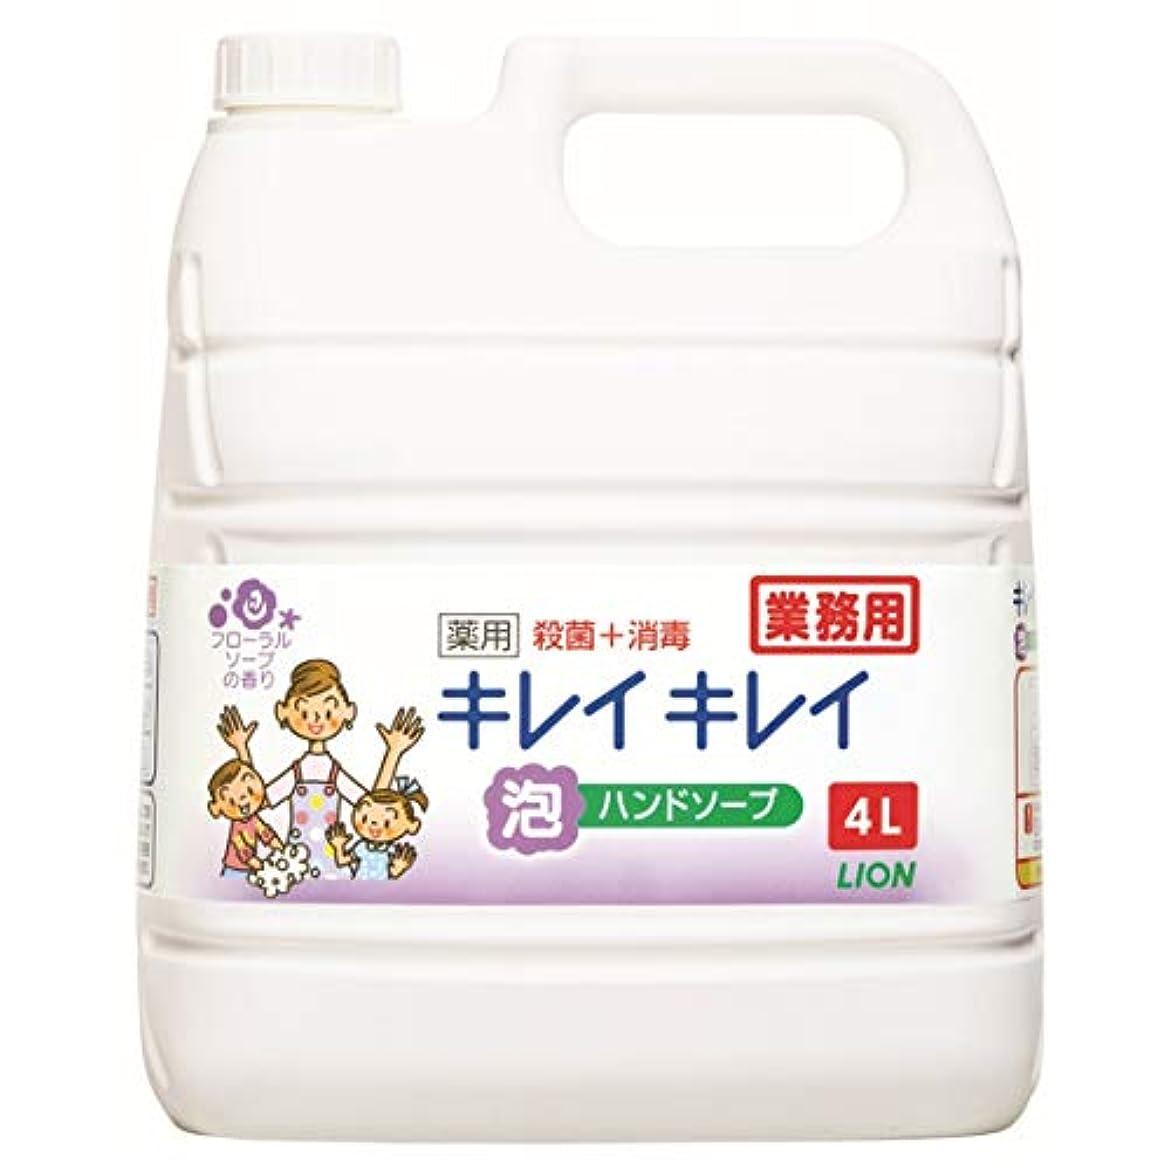 関税ポイント写真の【業務用 大容量】キレイキレイ 薬用 泡ハンドソープフローラルソープの香り 4L(医薬部外品)